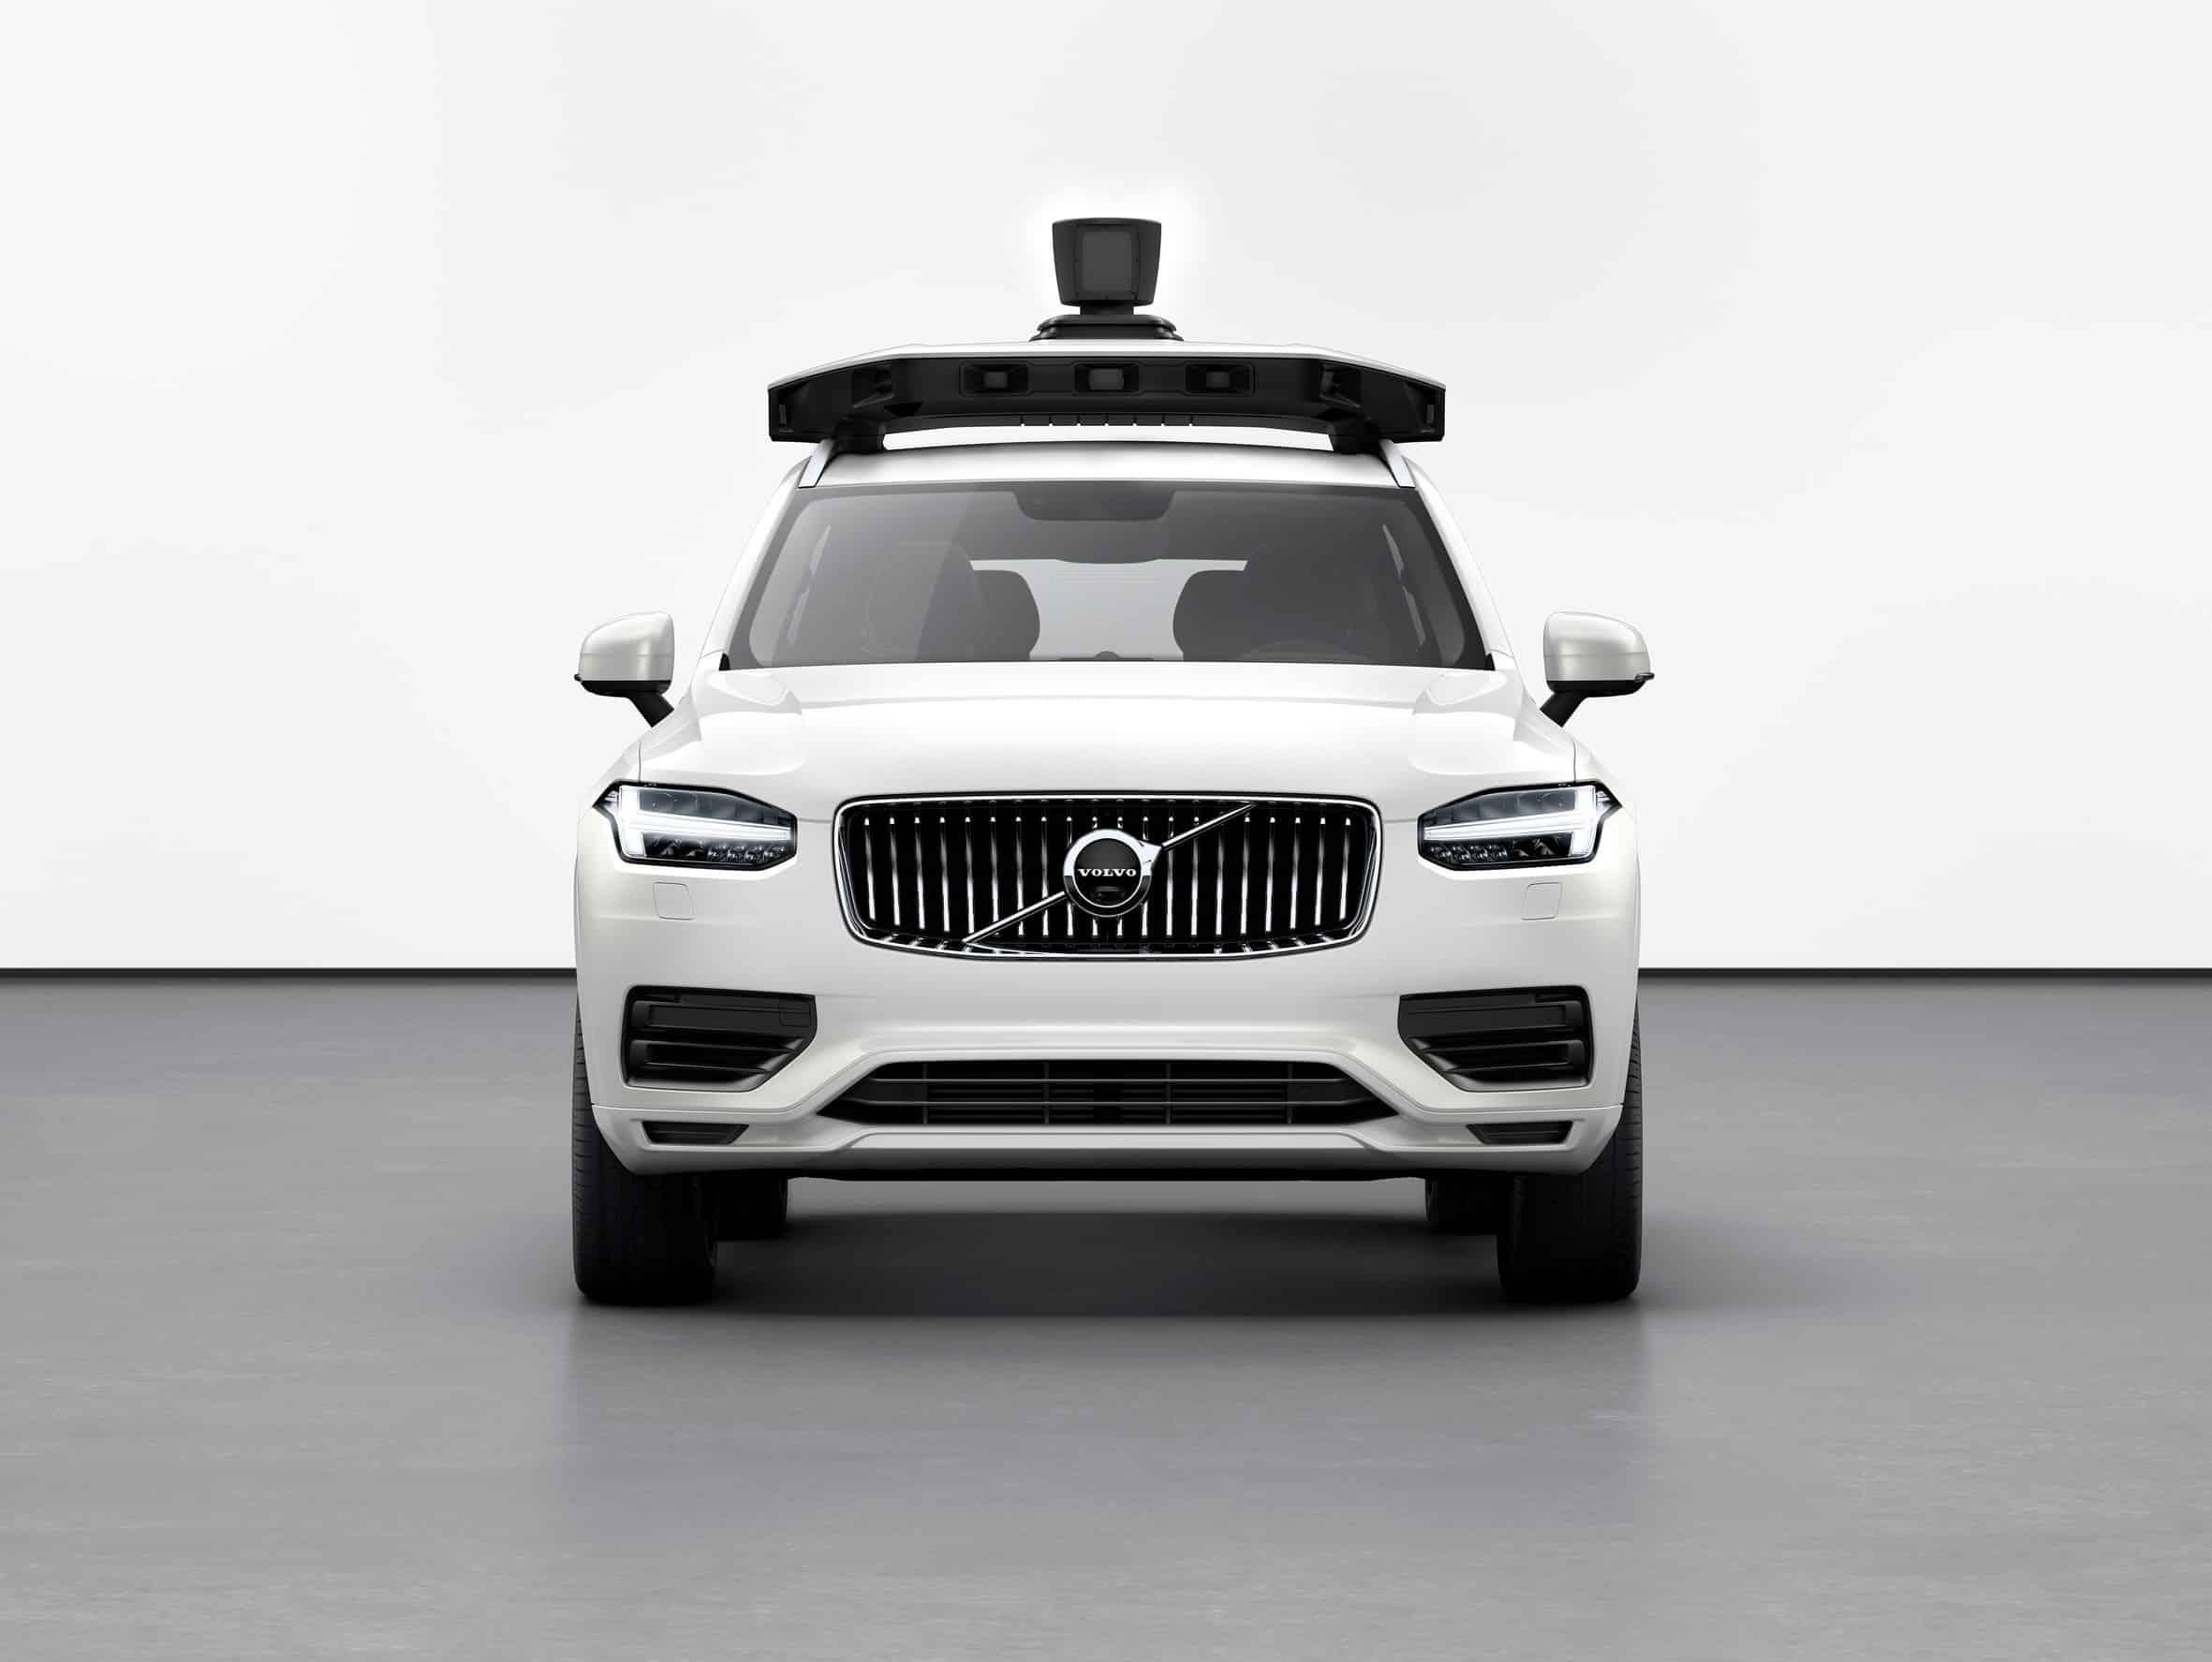 Volvo und Uber stellen selbstfahrenden XC90 vor